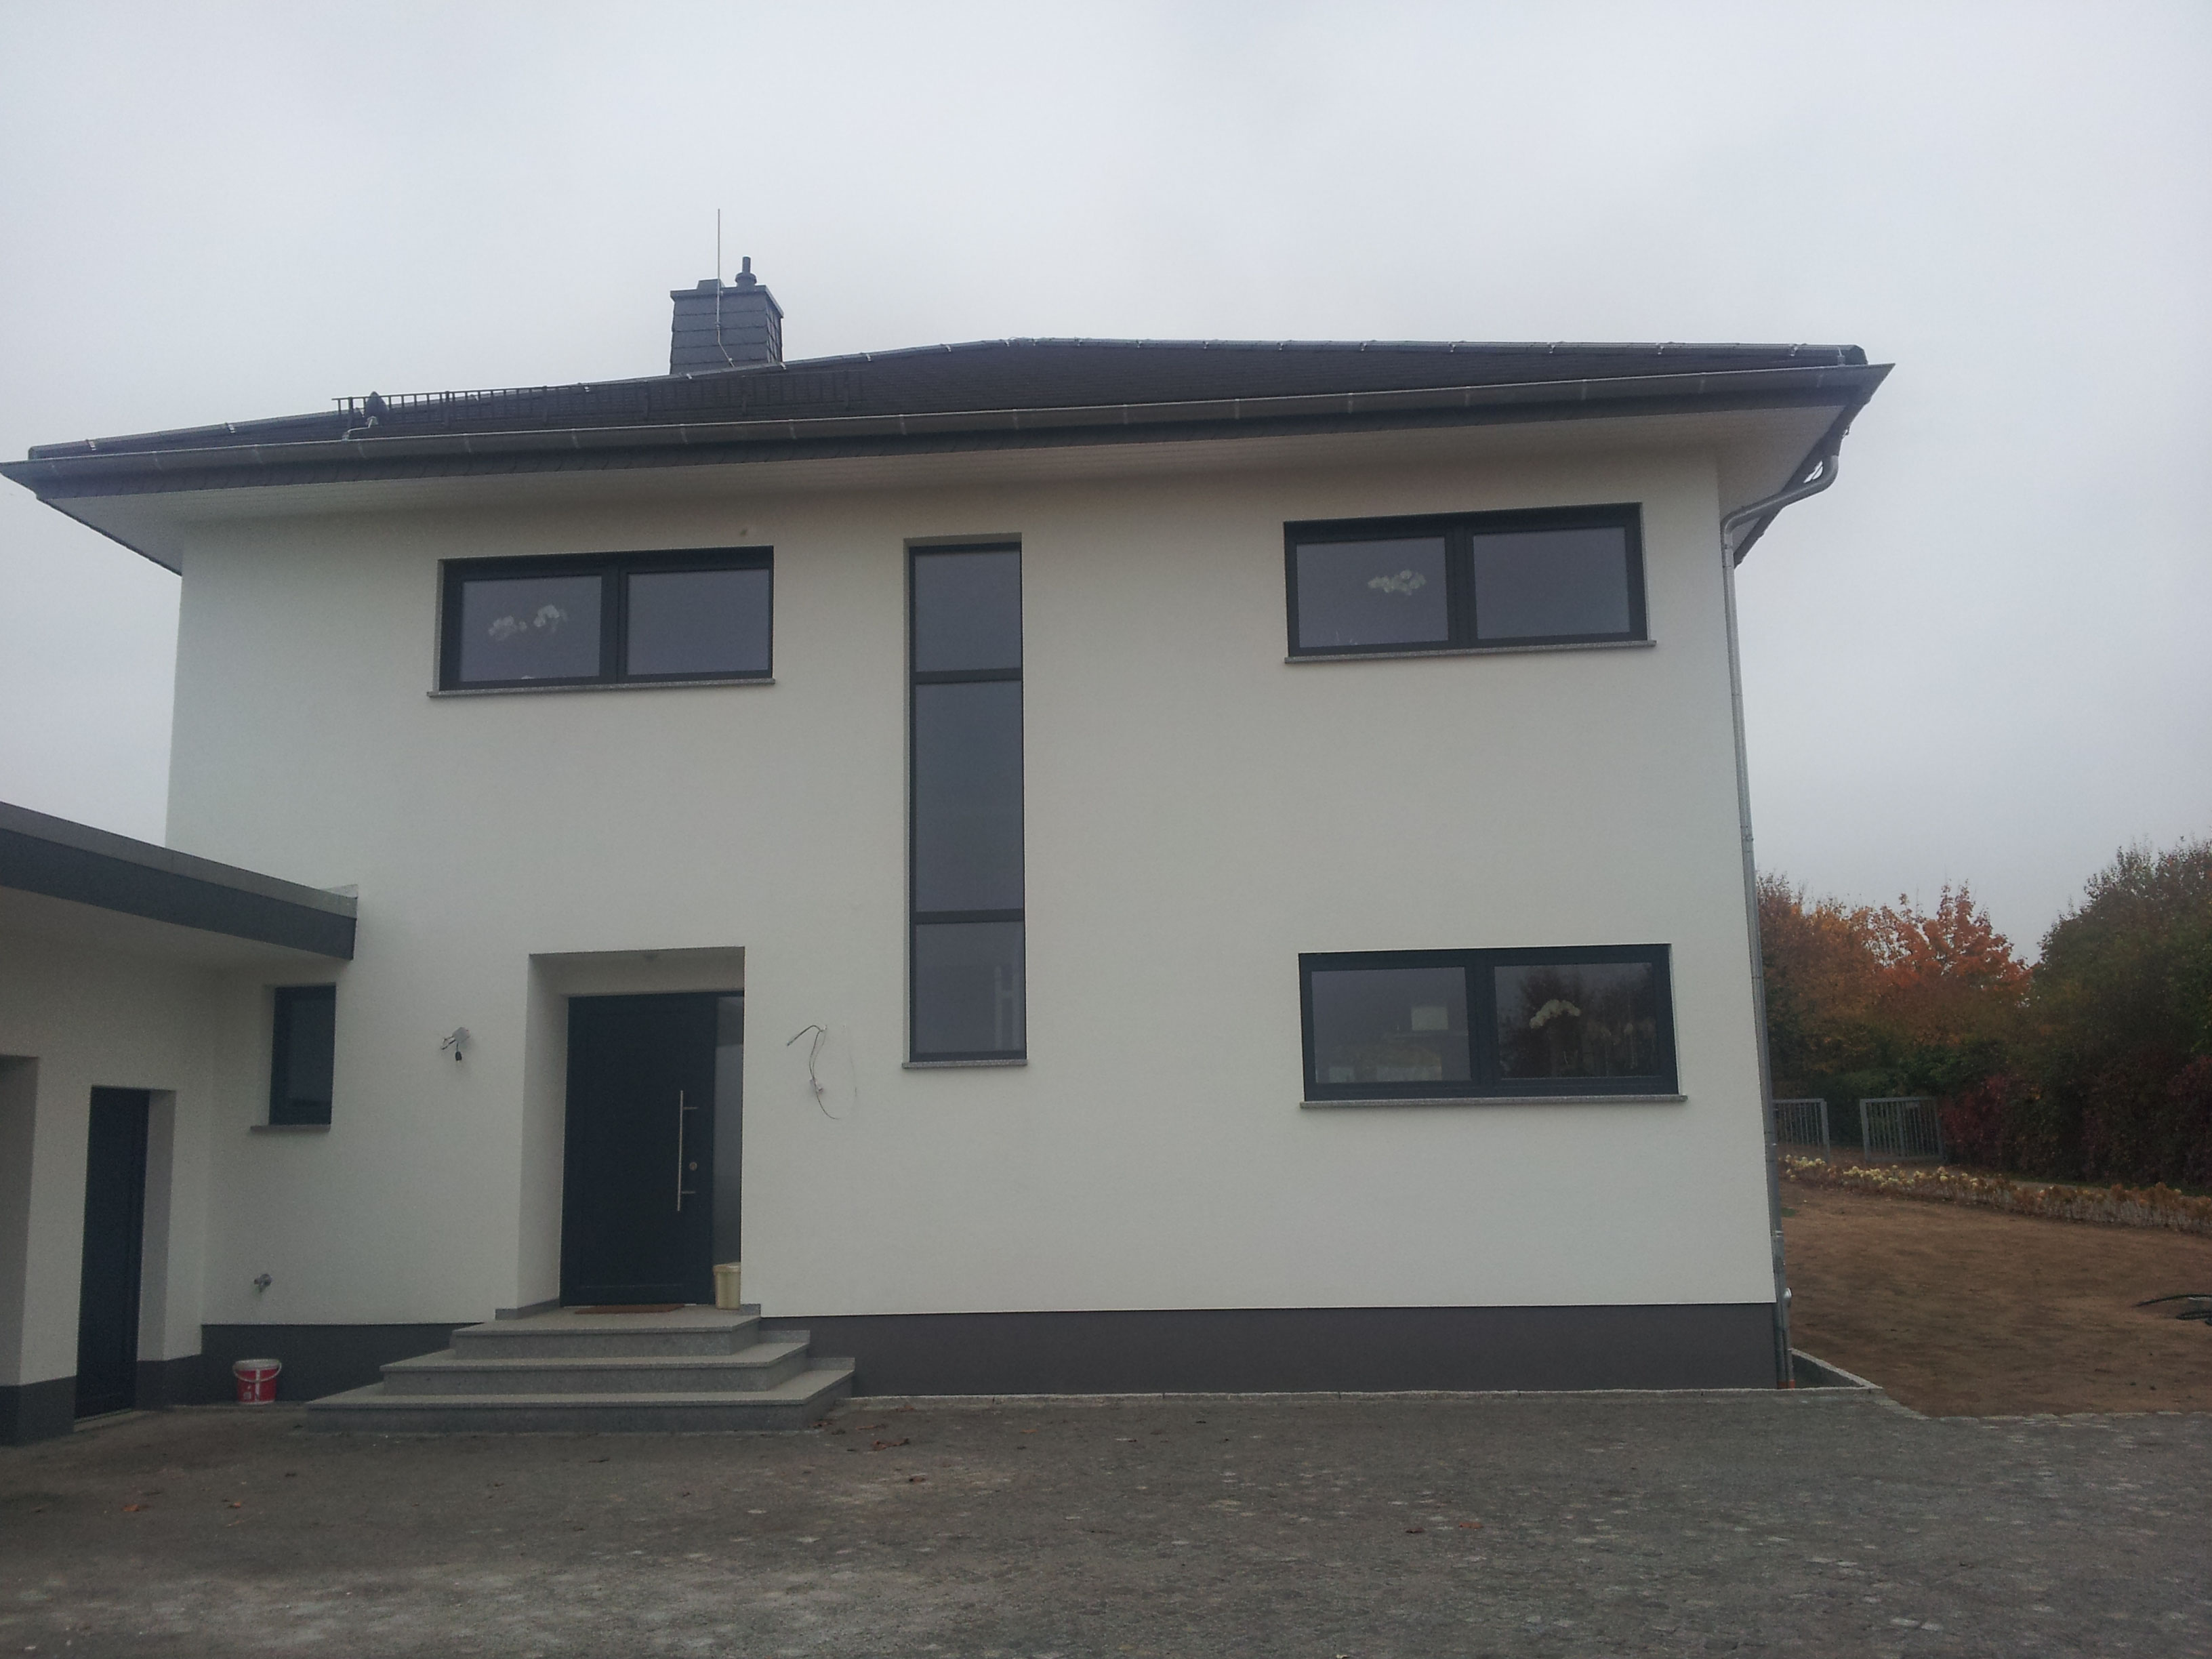 Neubau U2013 Einfamilienhaus U2013 Bautzen. SmannFront Frontsmann1 FrontSämann2